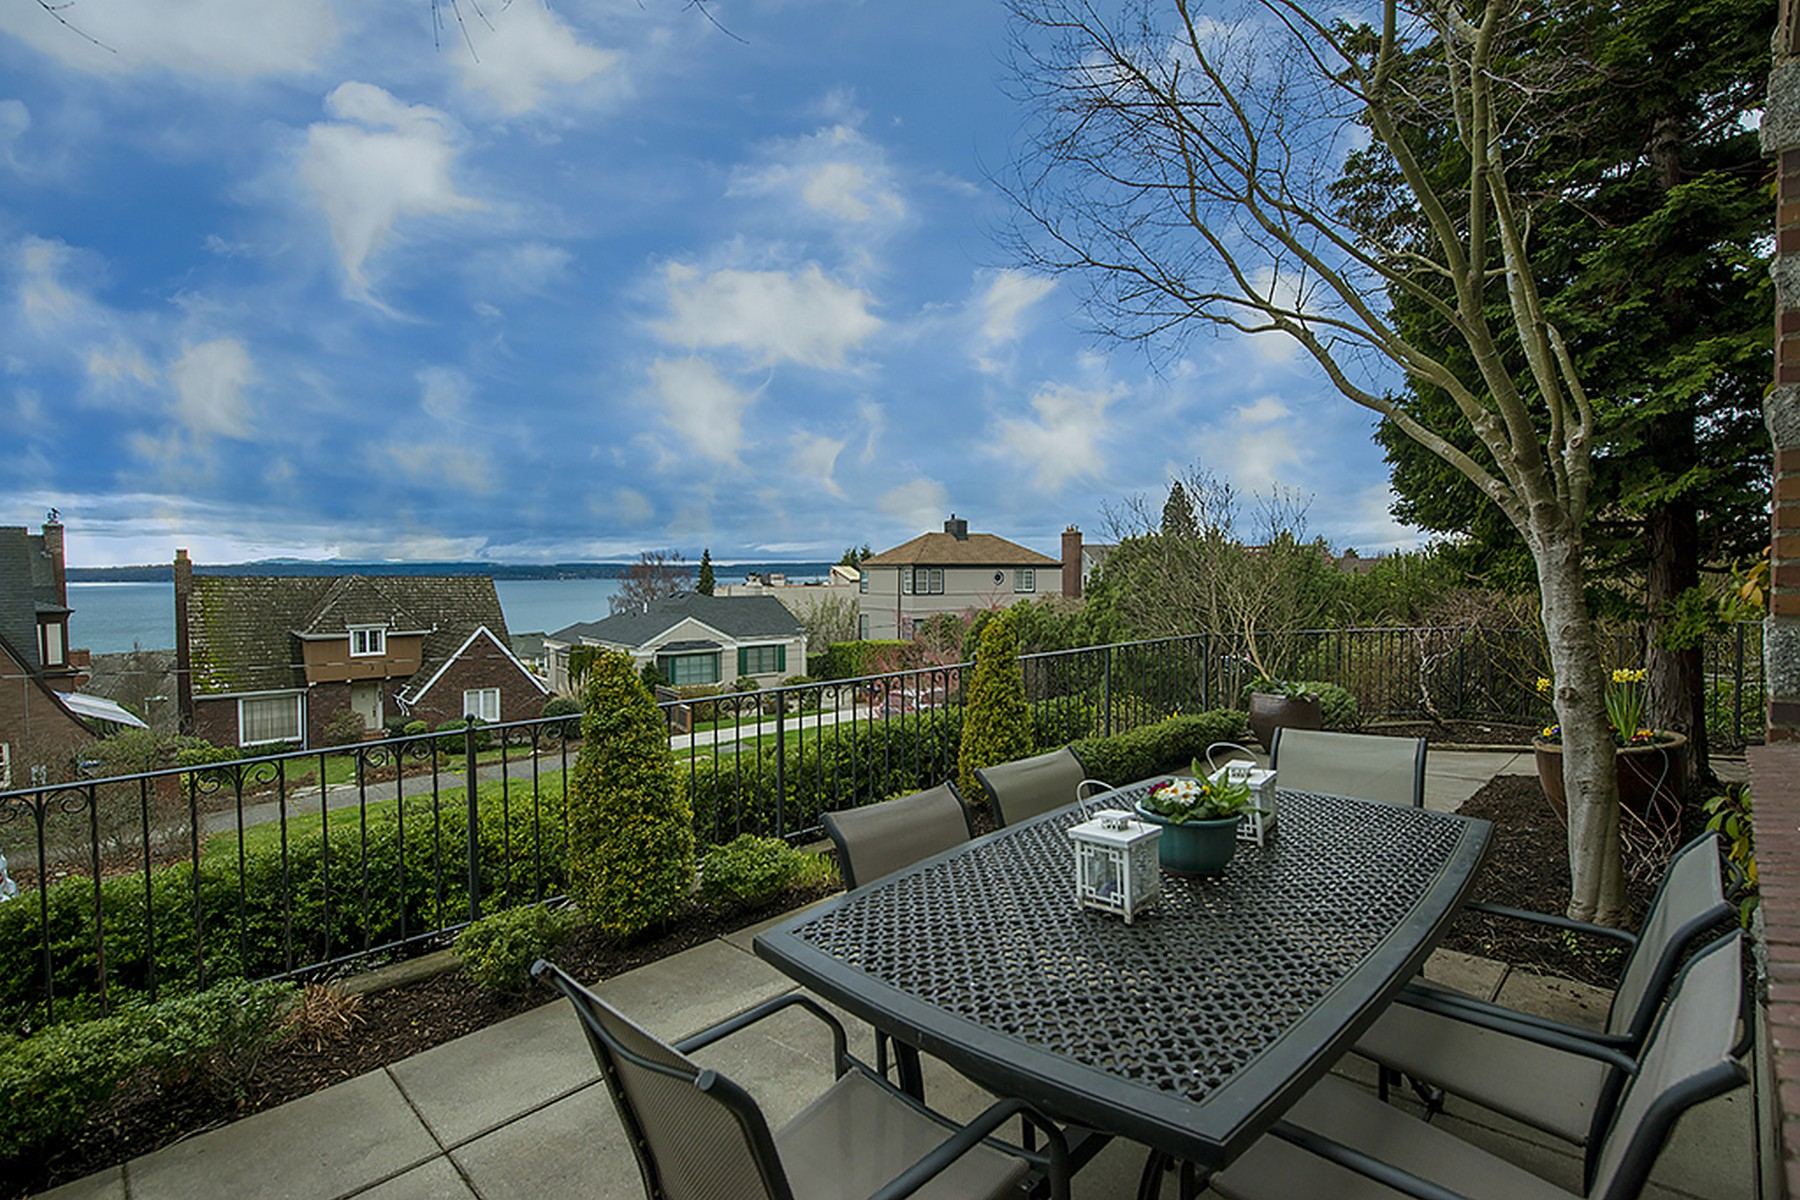 Additional photo for property listing at 4256 Glenmont Lane, Seattle 4256 W Glenmont Ln Seattle, Washington 98199 United States